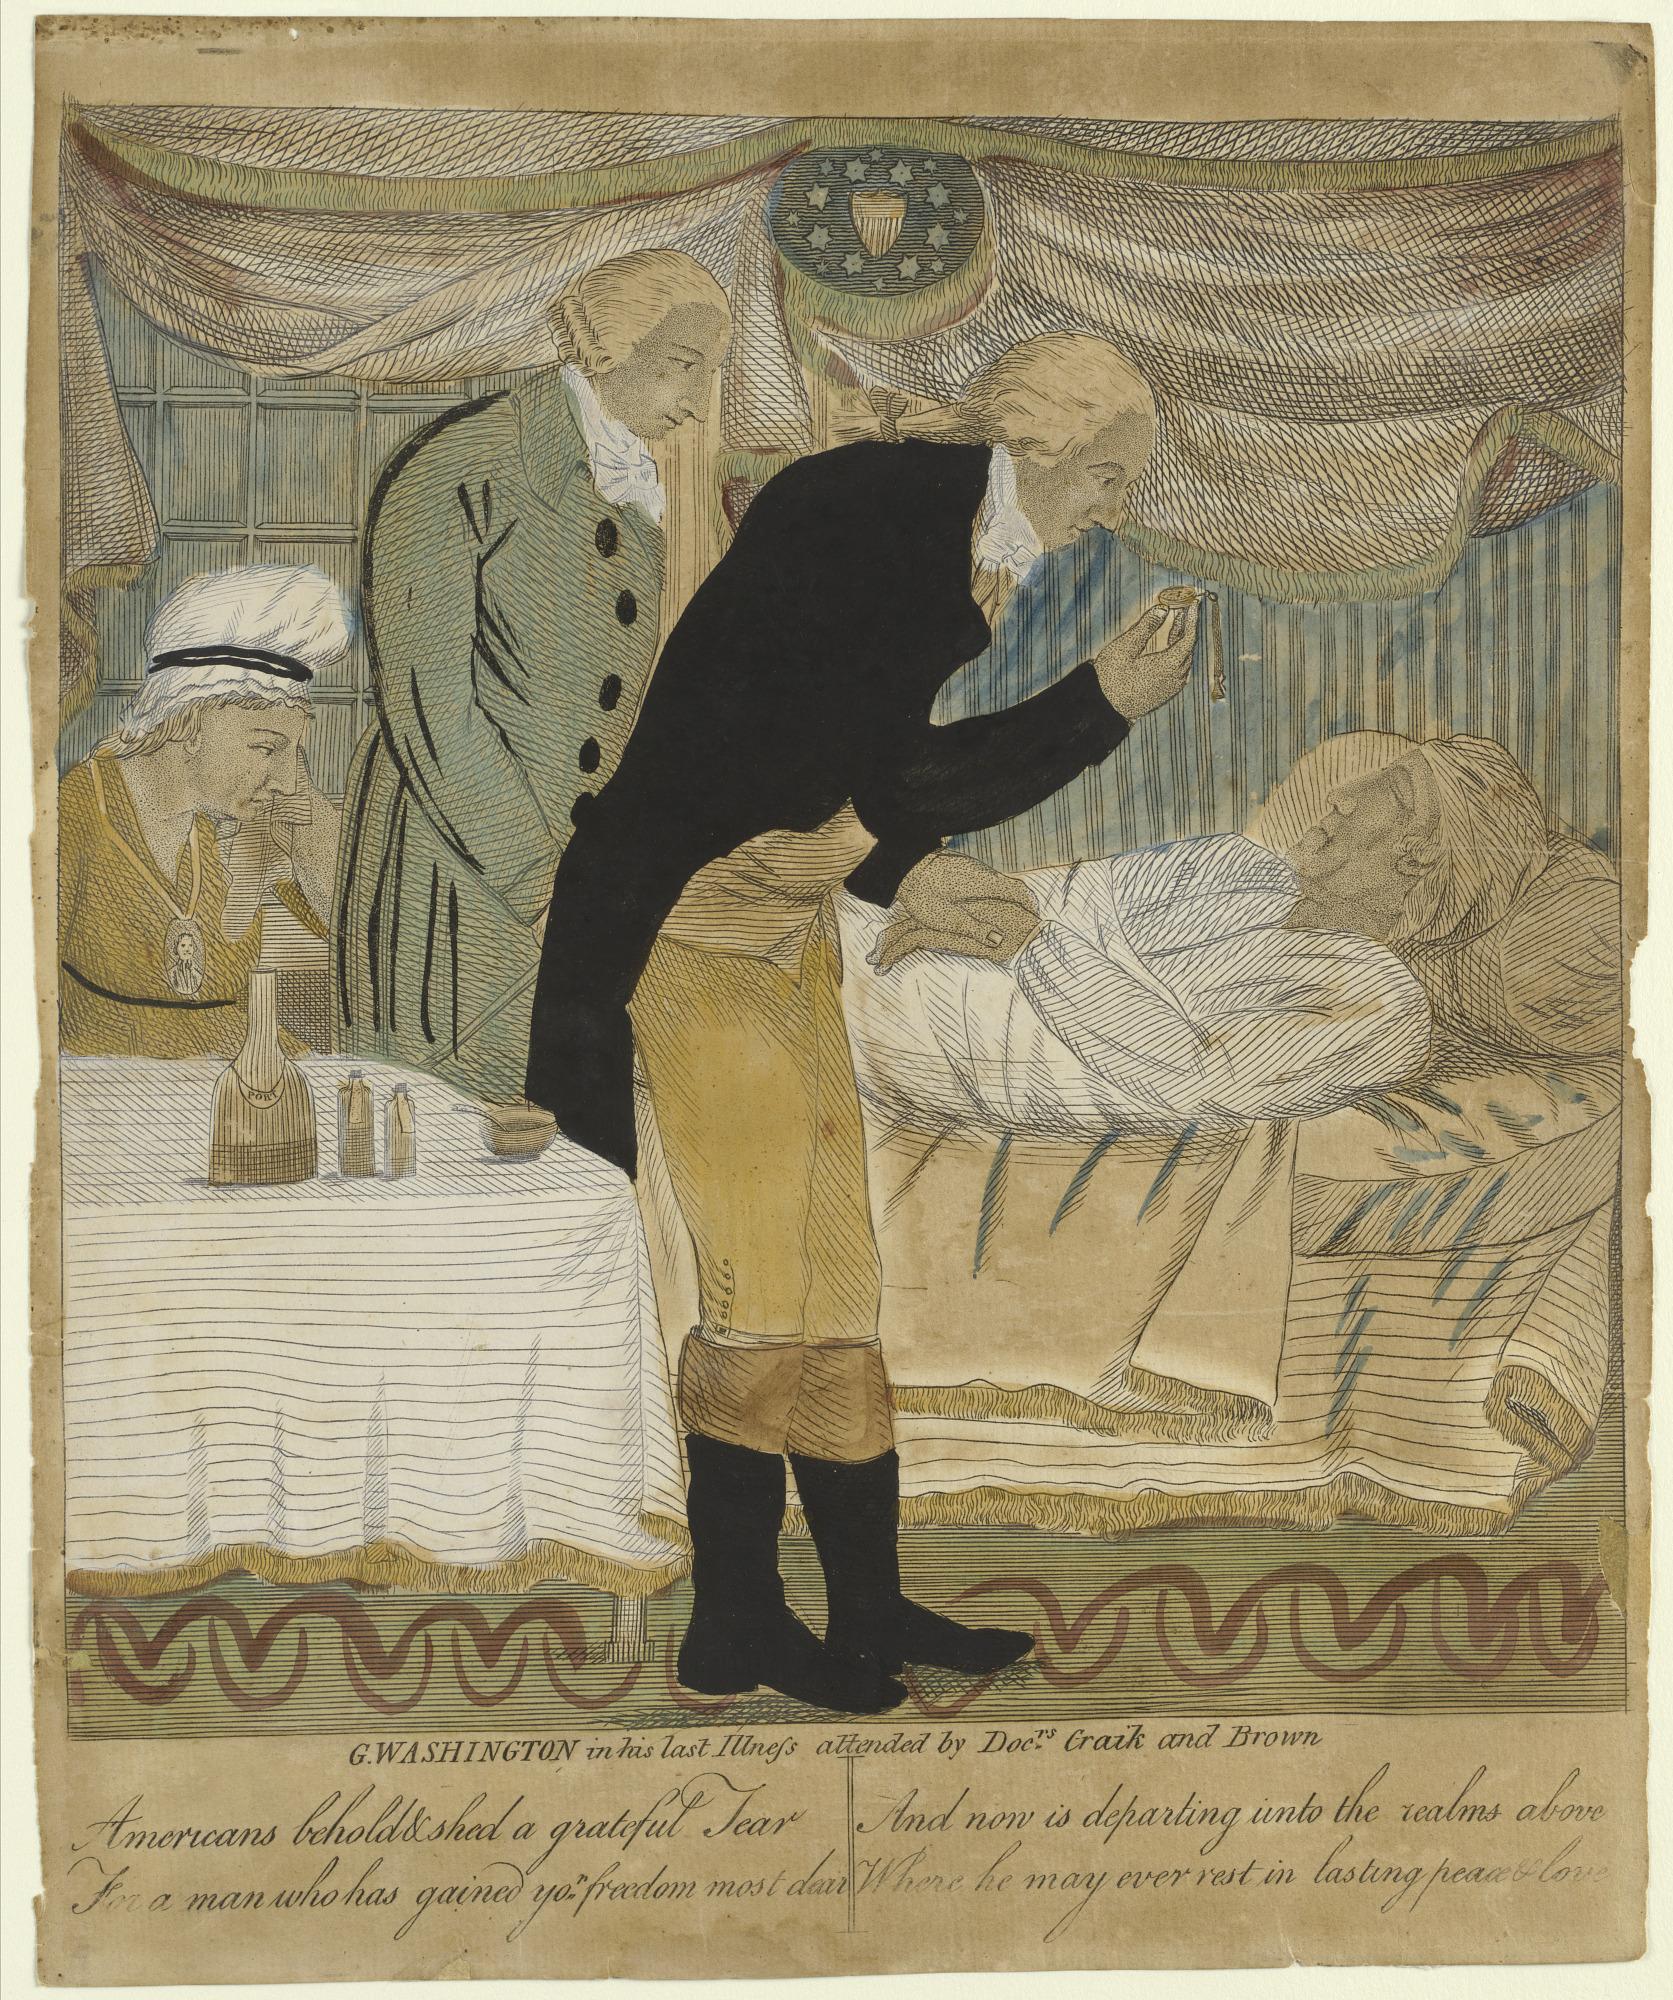 Washington in His Last Illness